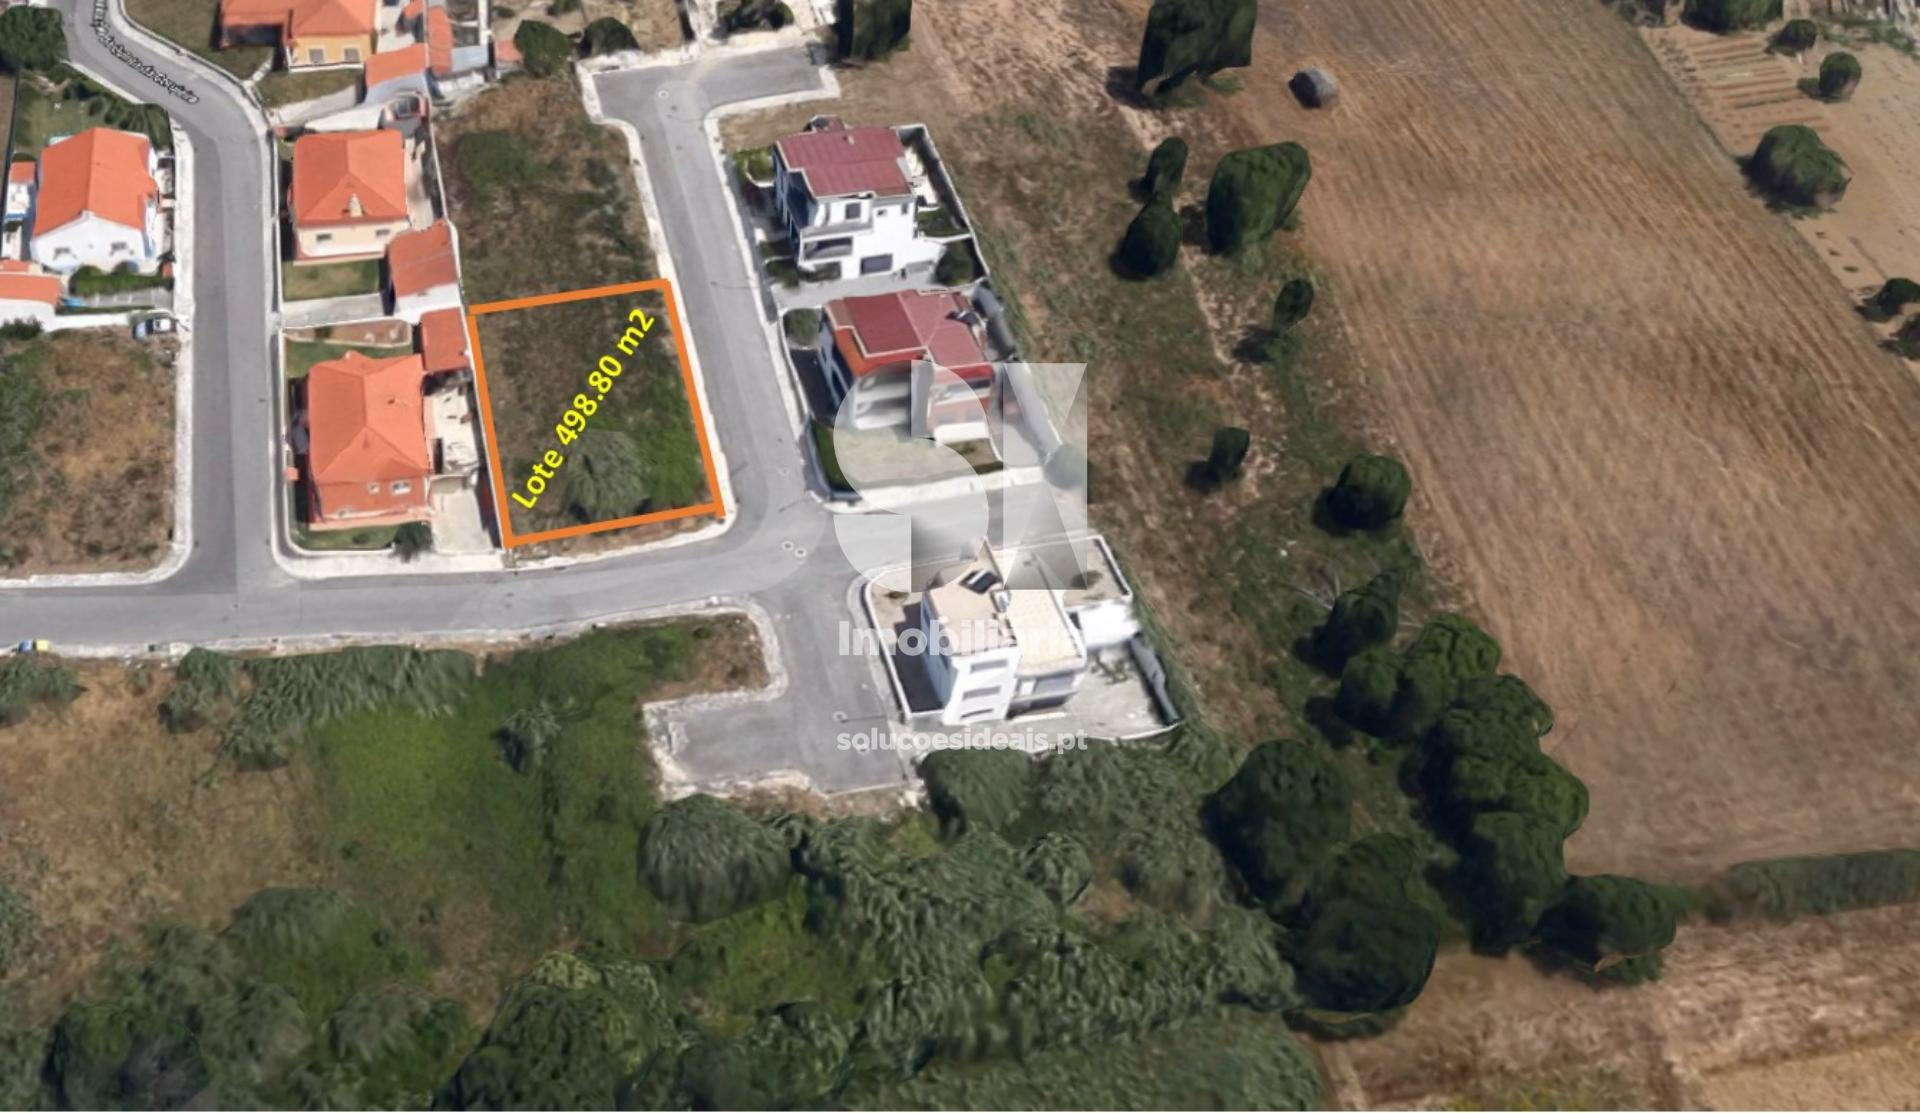 terreno para compra em obidos gaeiras LFCVC269